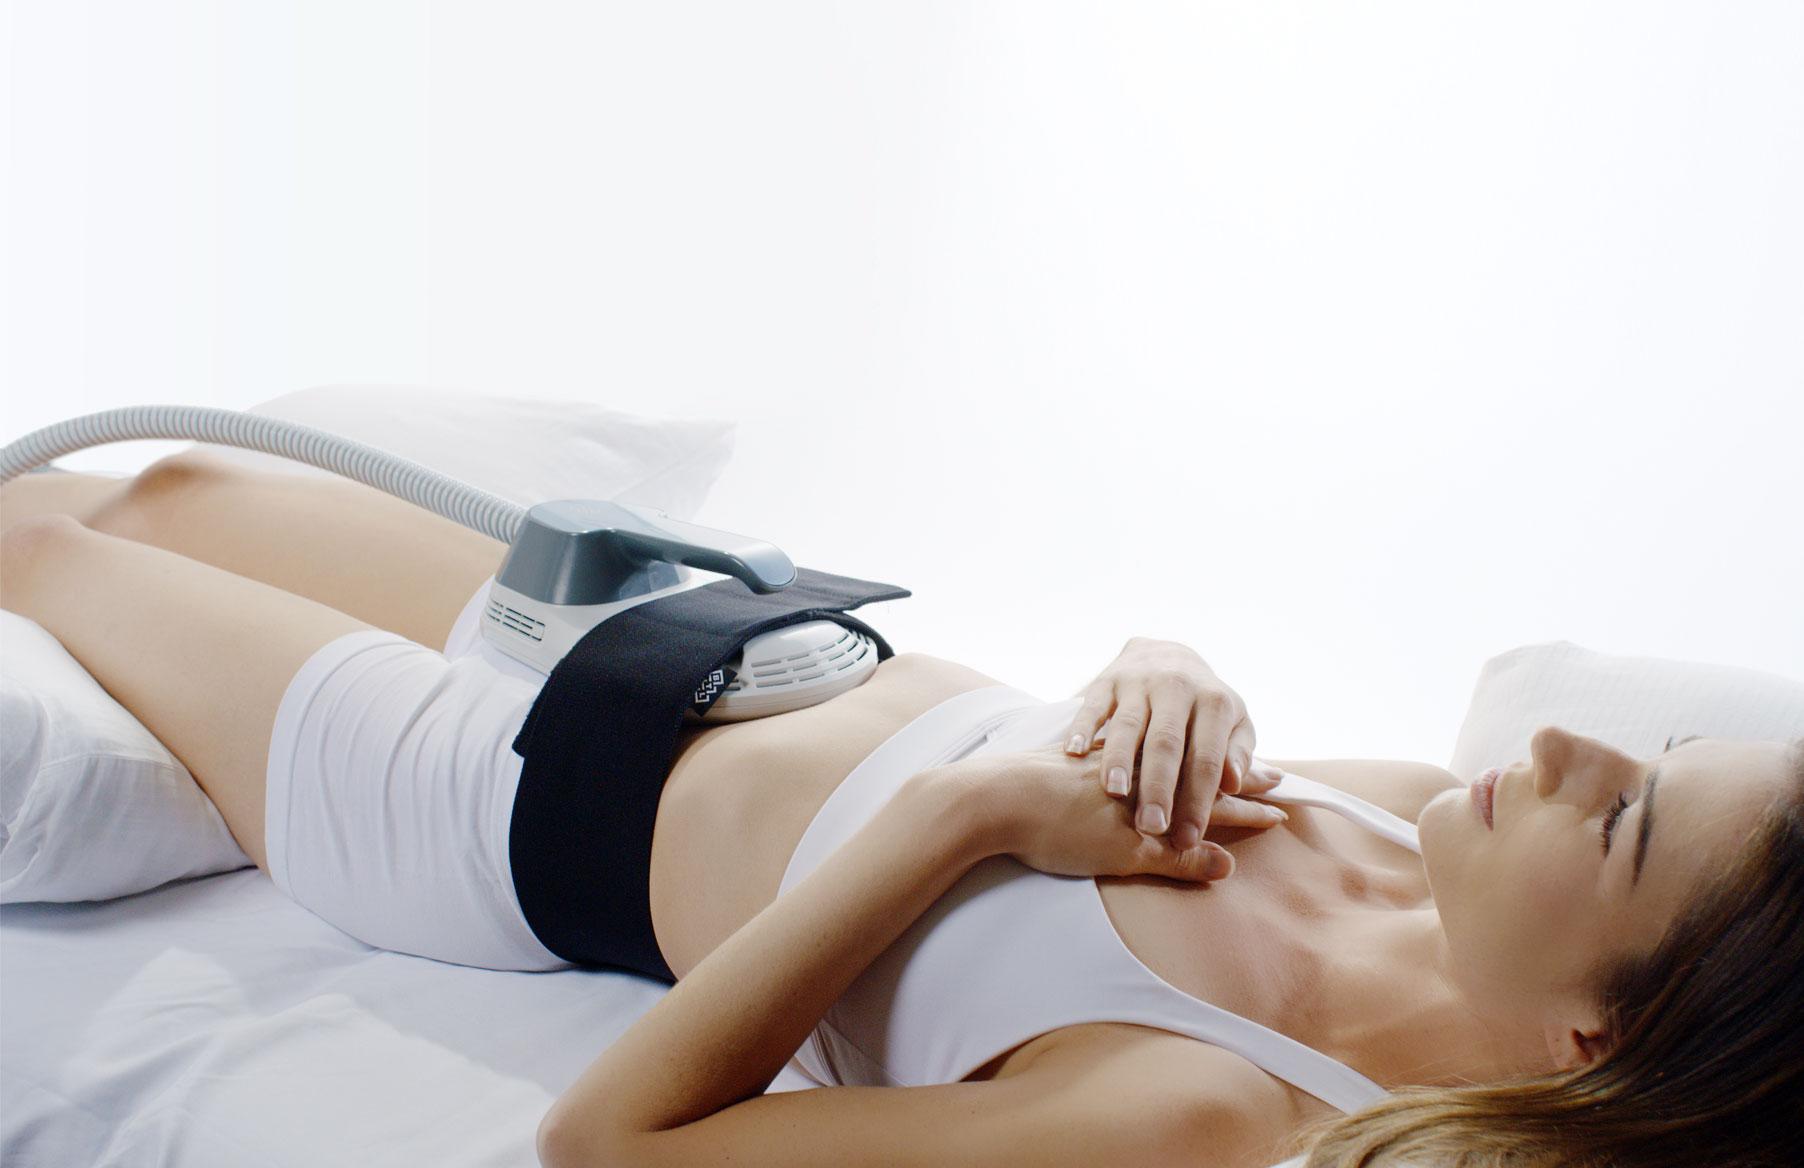 EM Sculpt pour développer les muscles et brûler les graisses - Holistic & Aesthetics